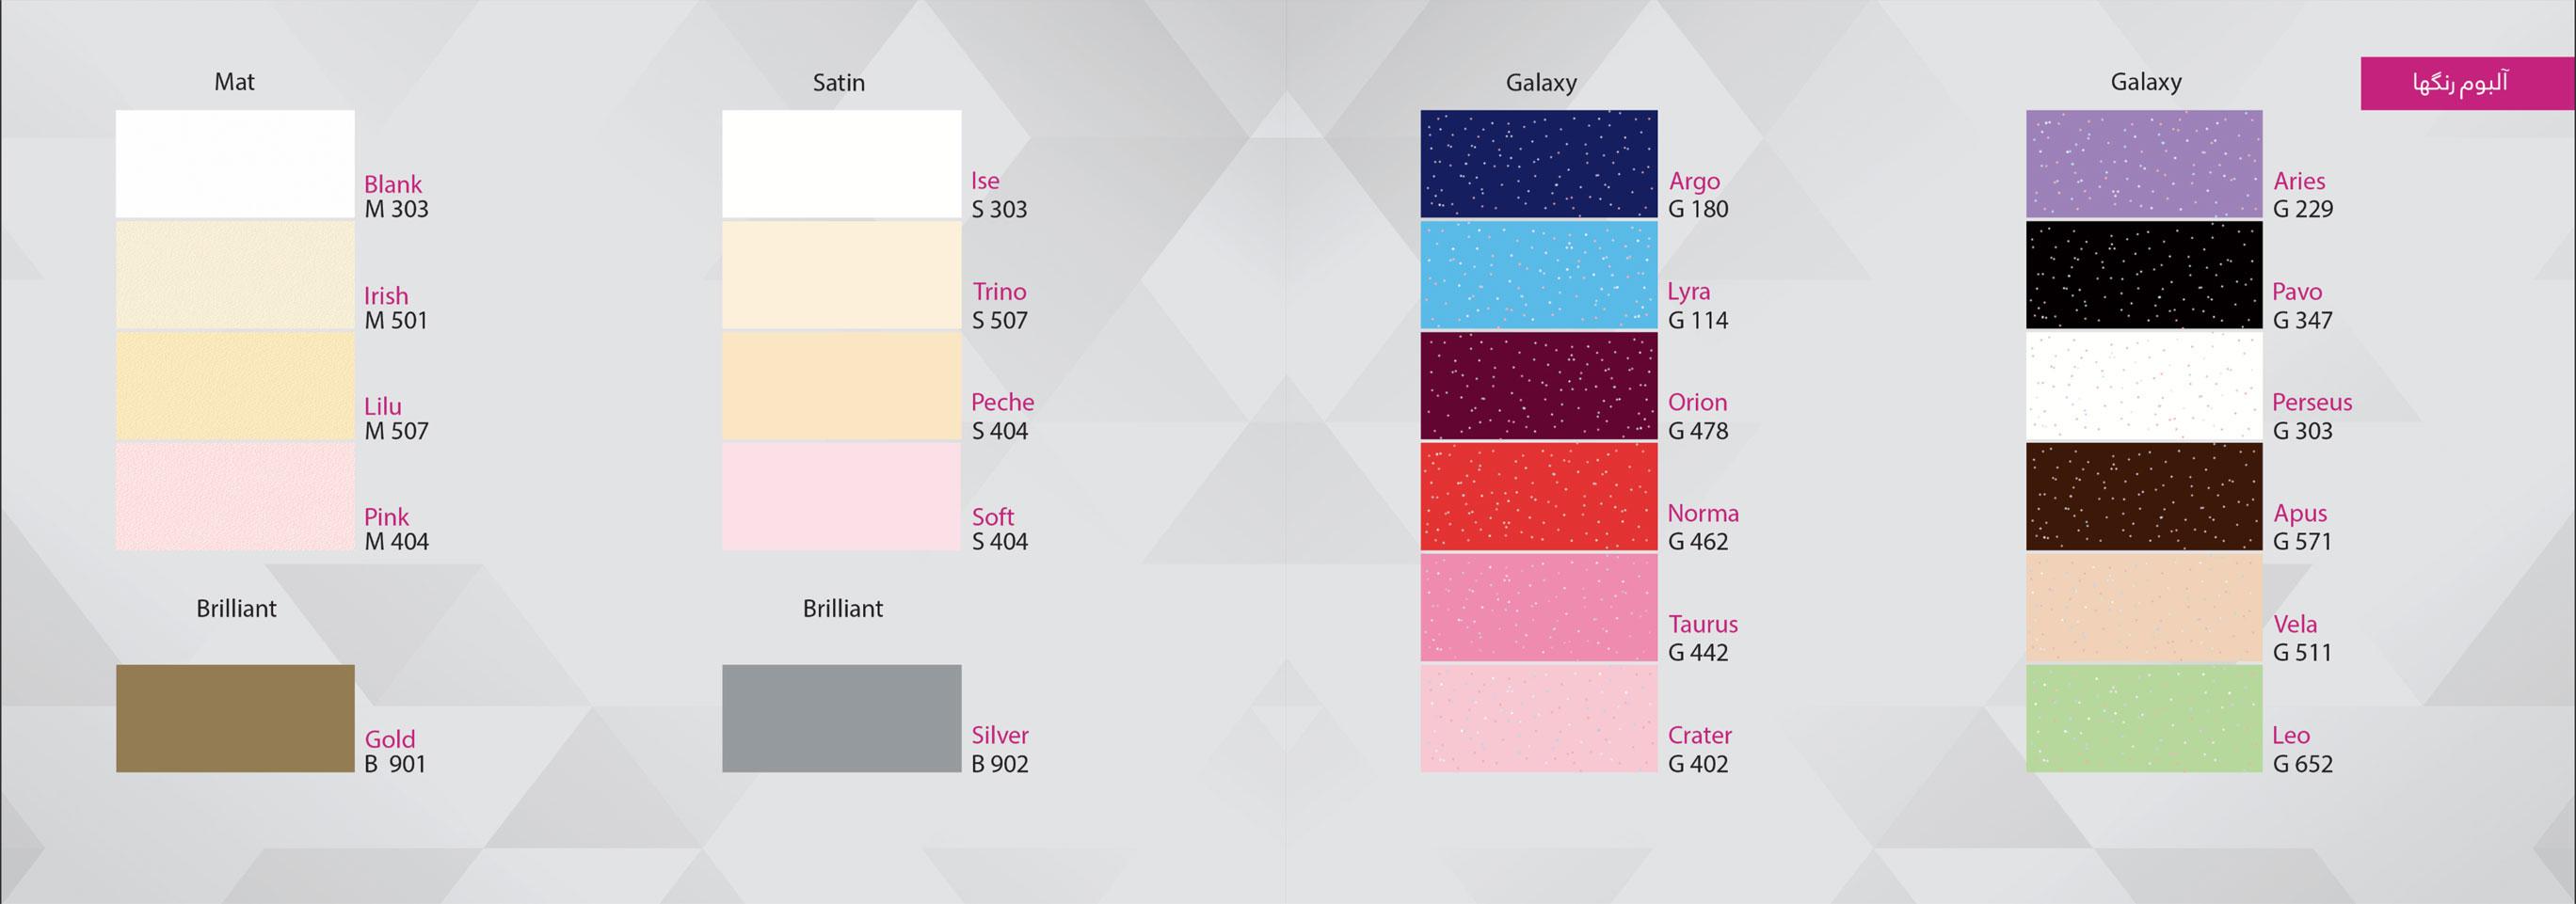 انواع رنگ پارچه کشسان لابل